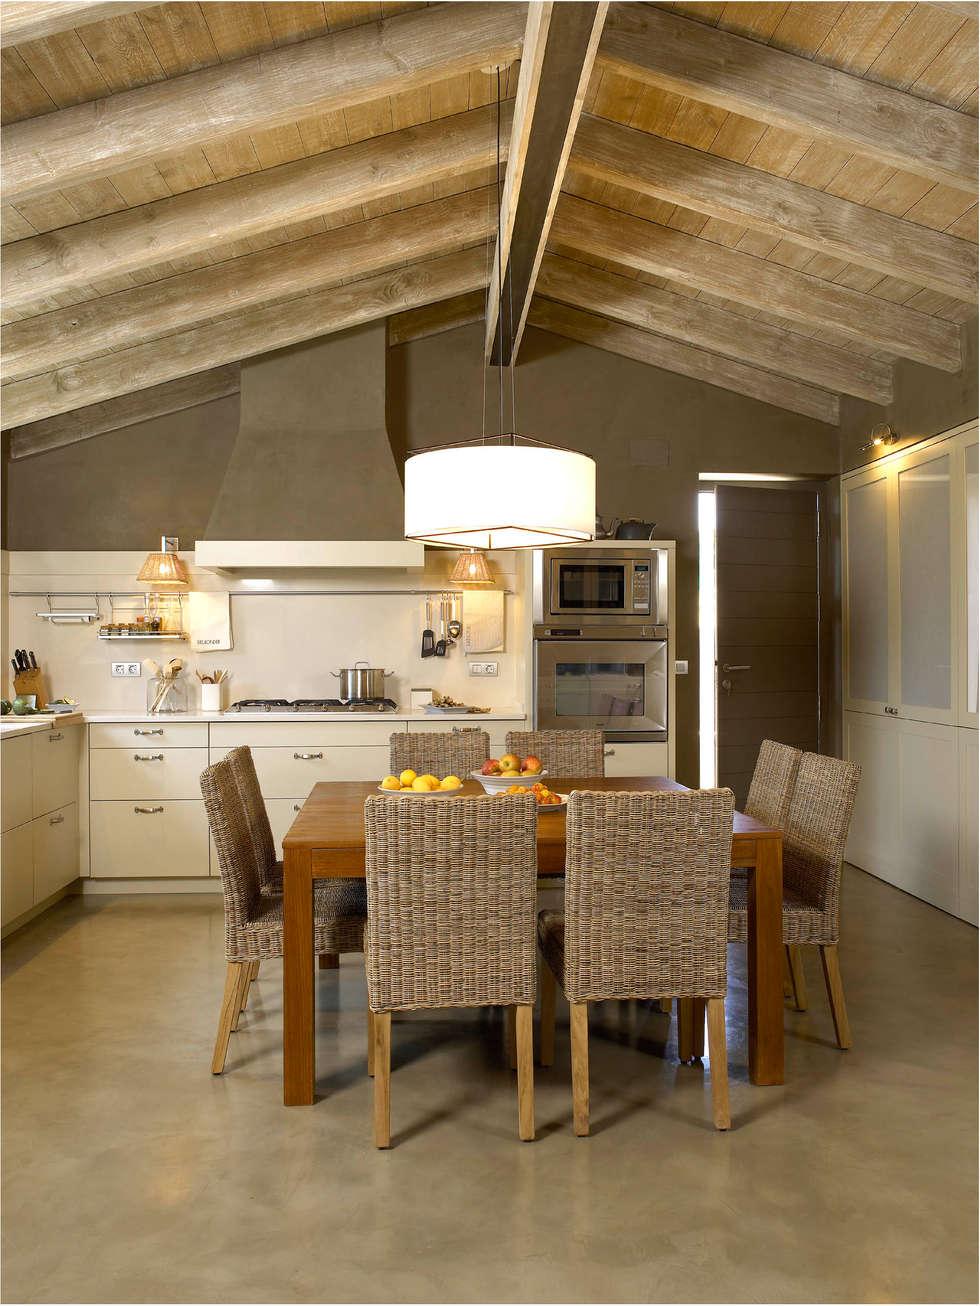 Fotos de decoraci n y dise o de interiores homify for Cocinas estilo rustico